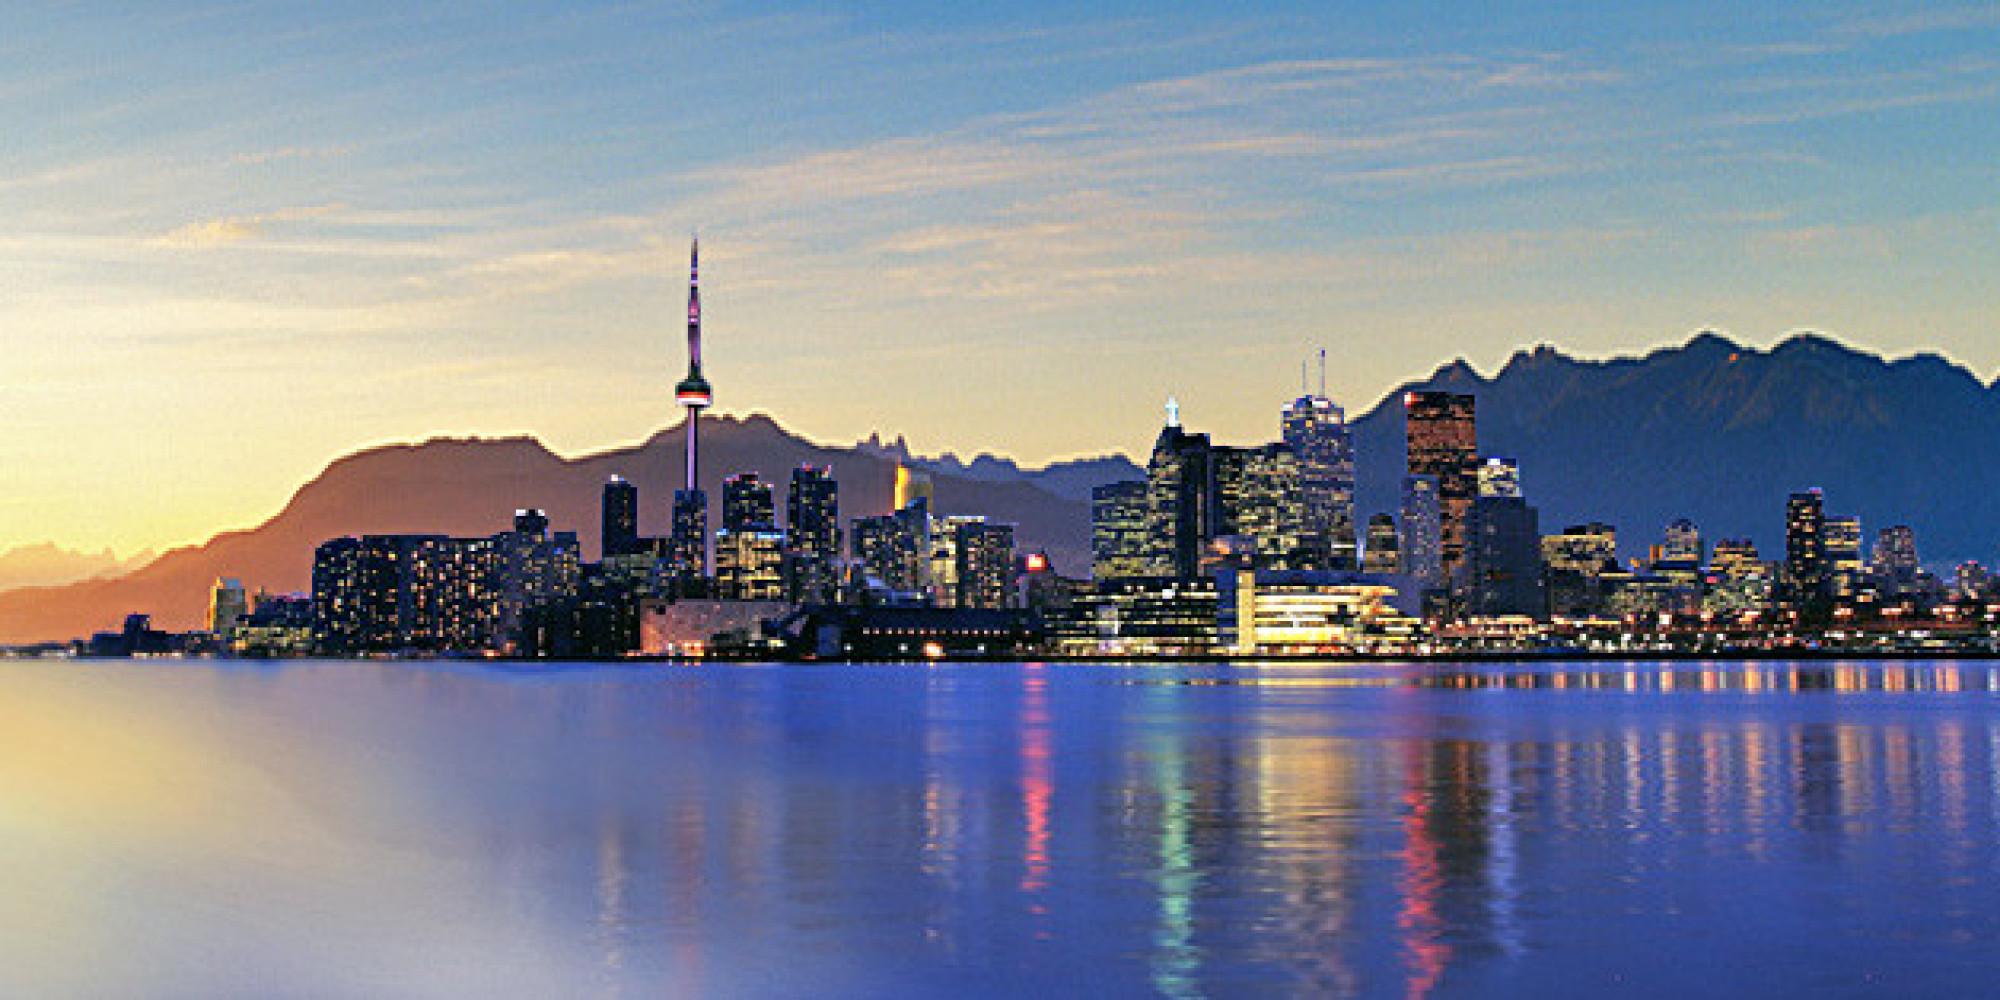 Vancouver + Toronto = Toroncouver (PHOTO)